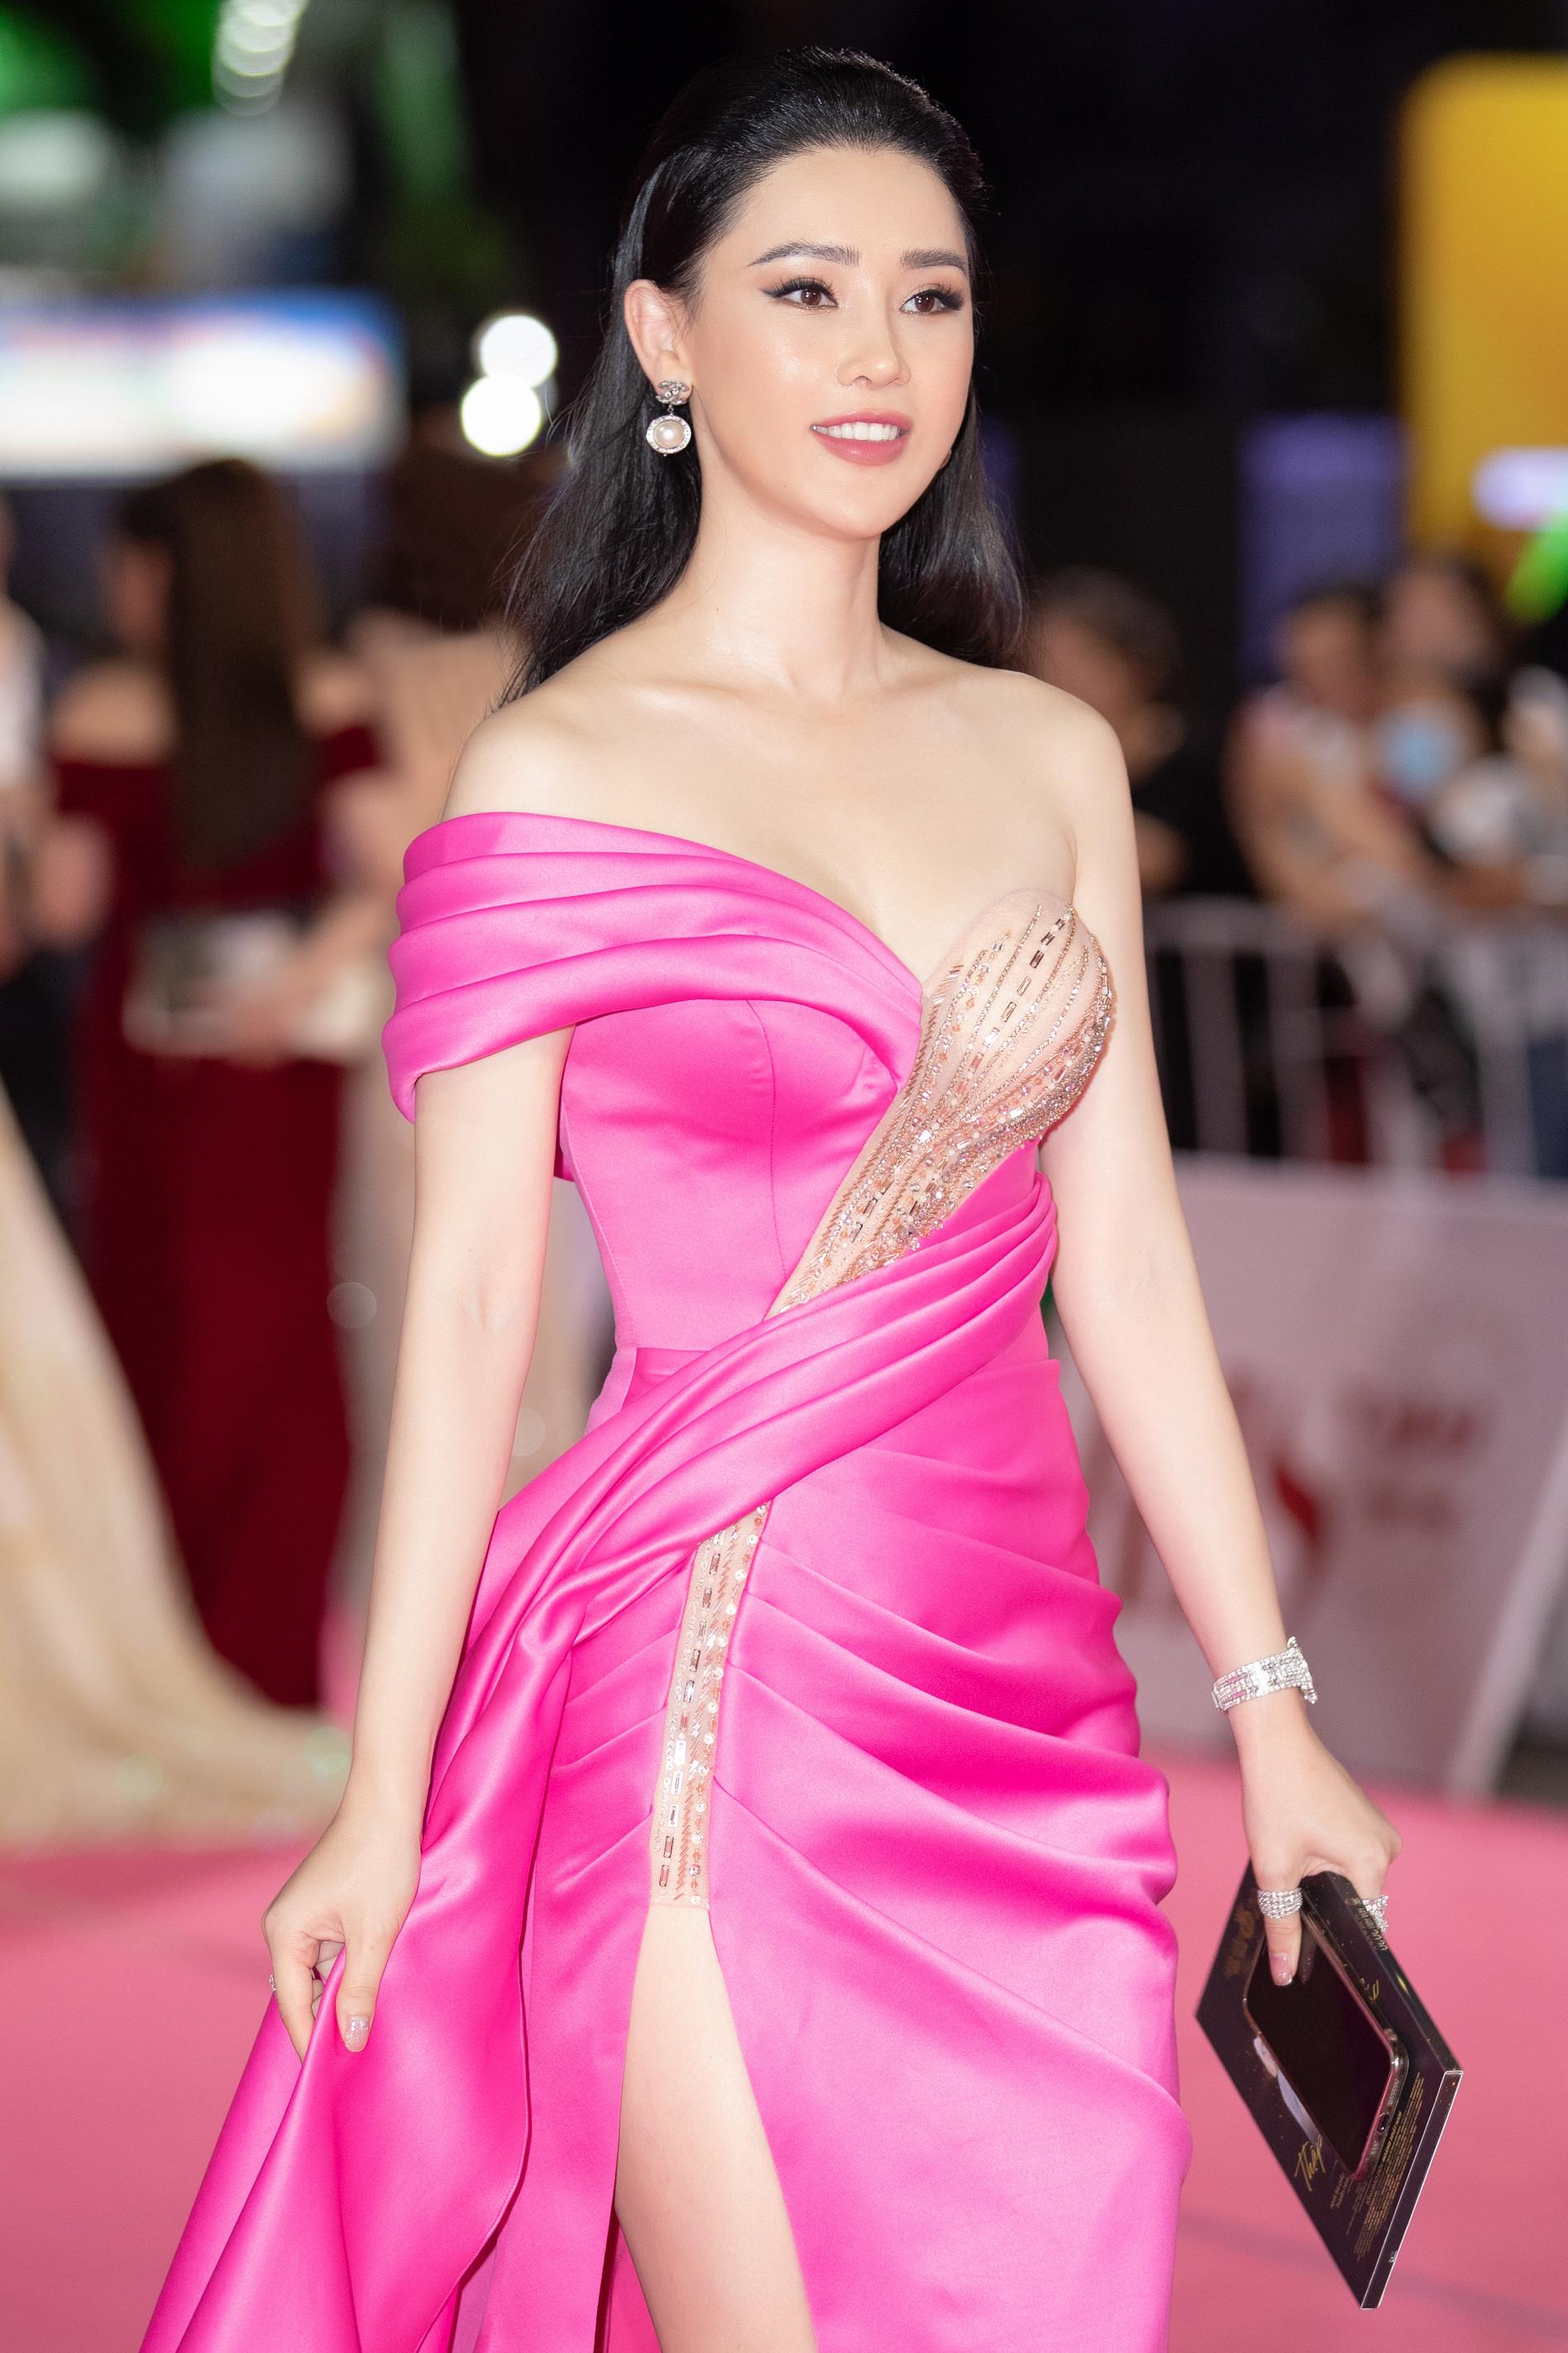 Thái Như Ngọc: Đỗ Thị Hà  sẽ tỏa sáng trên cương vị Hoa hậu - 5